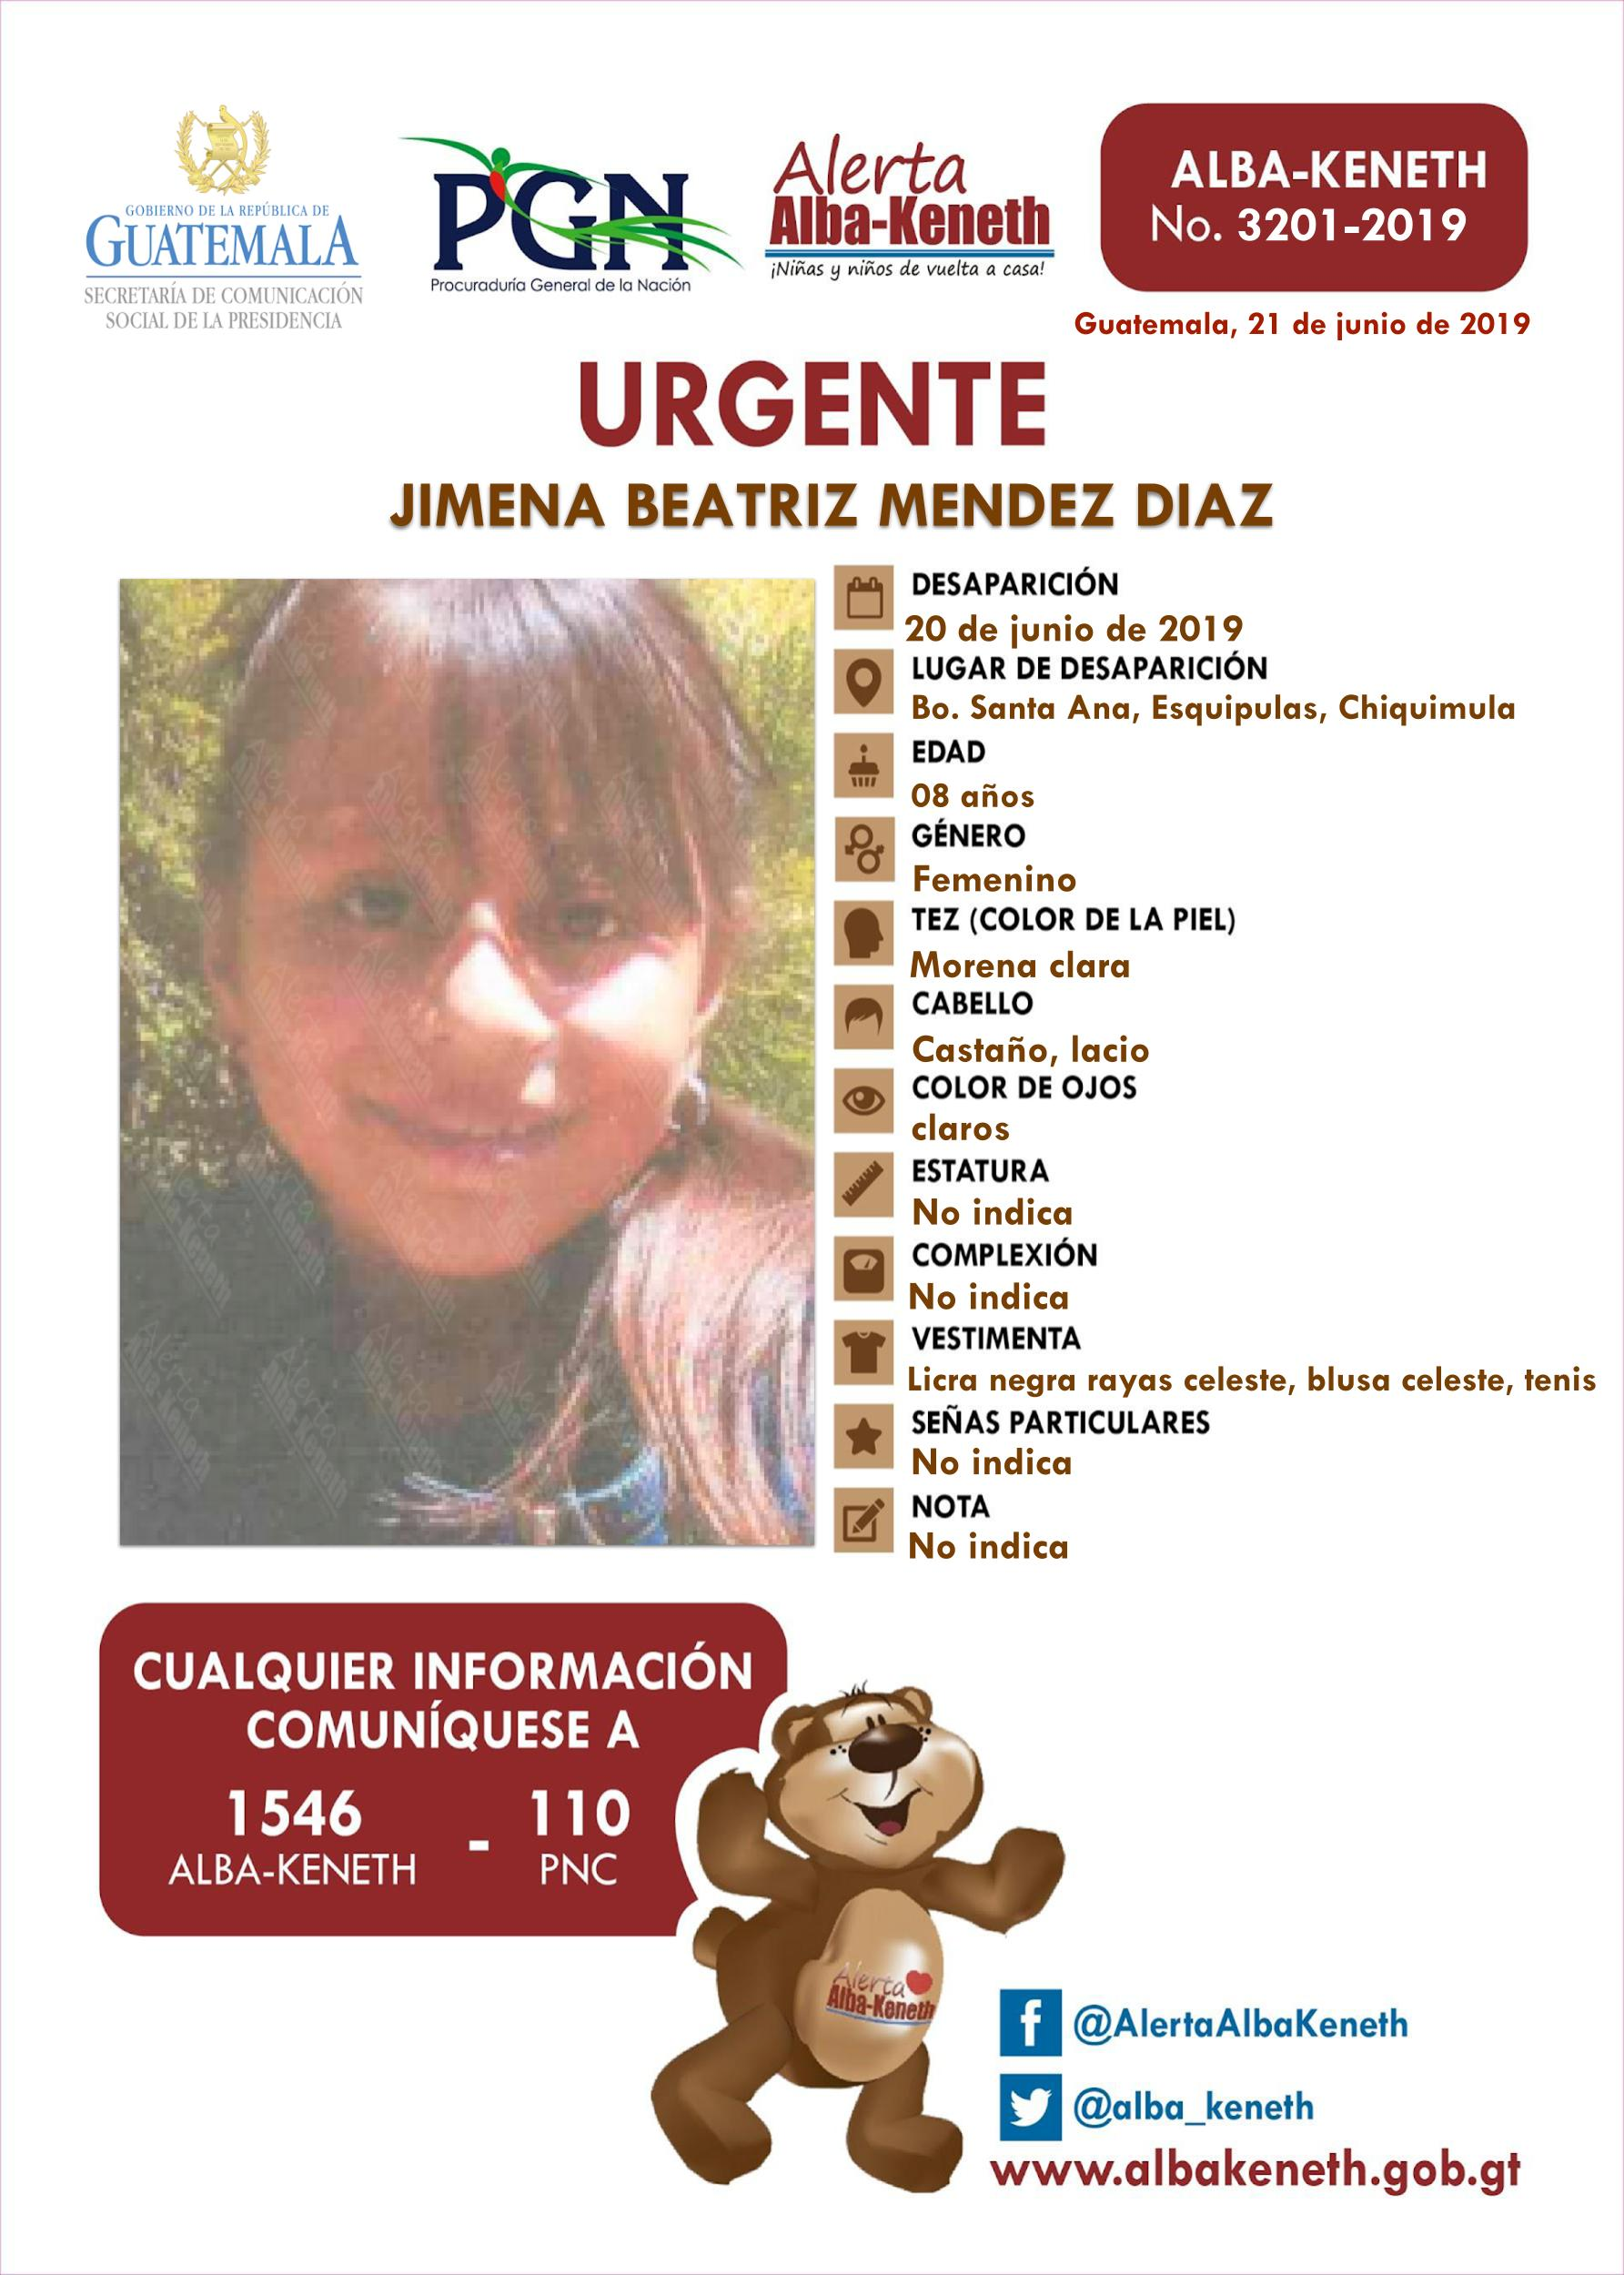 Jimena Beatriz Mendez Diaz